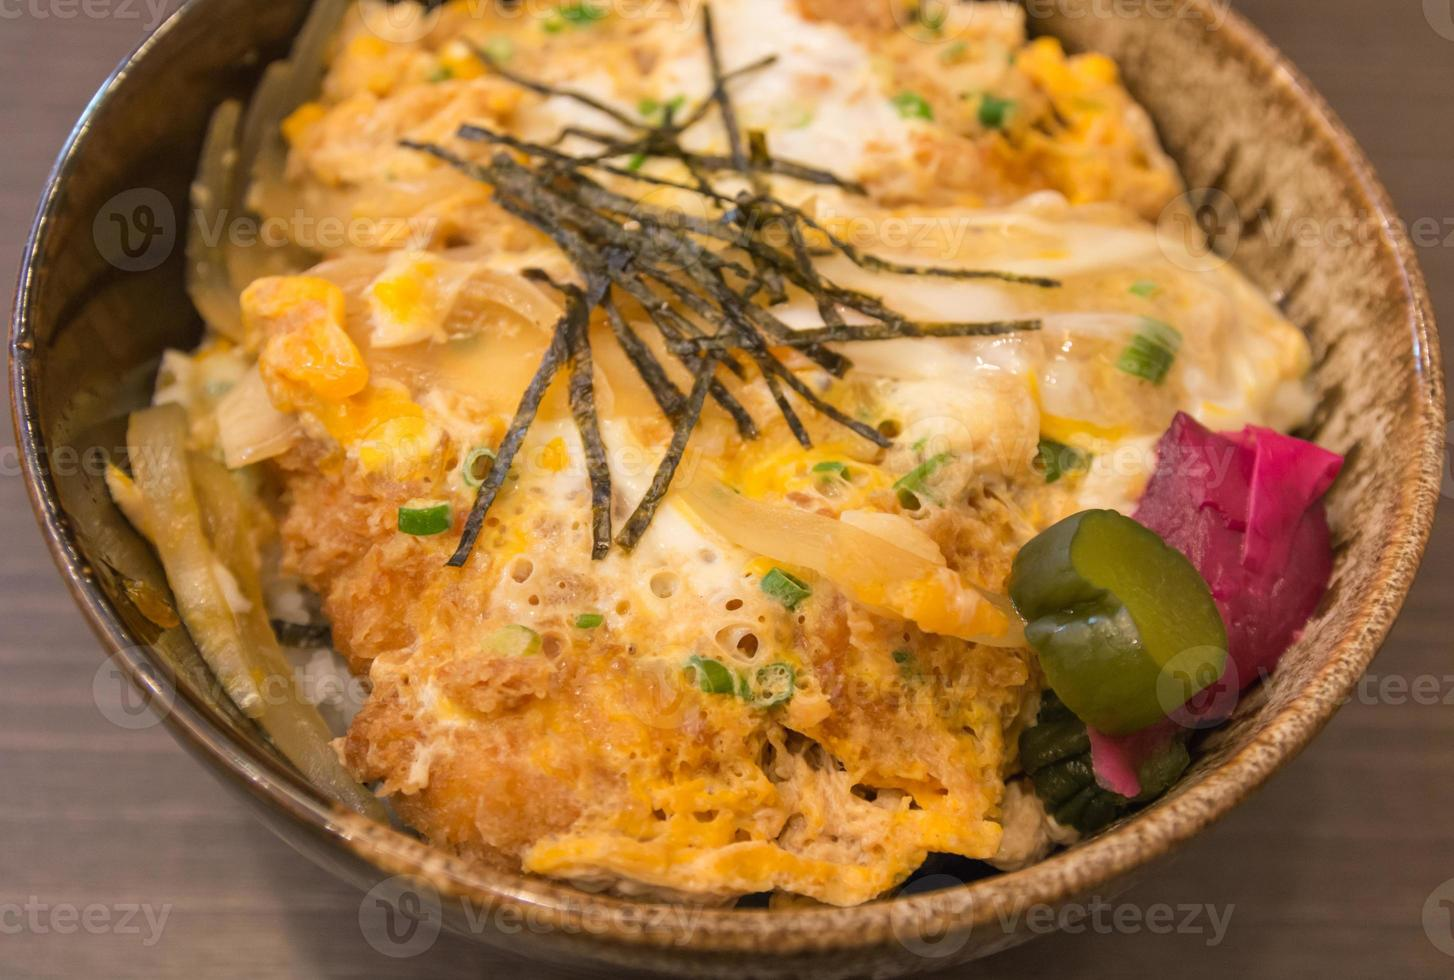 arroz de porco frito com ovo foto